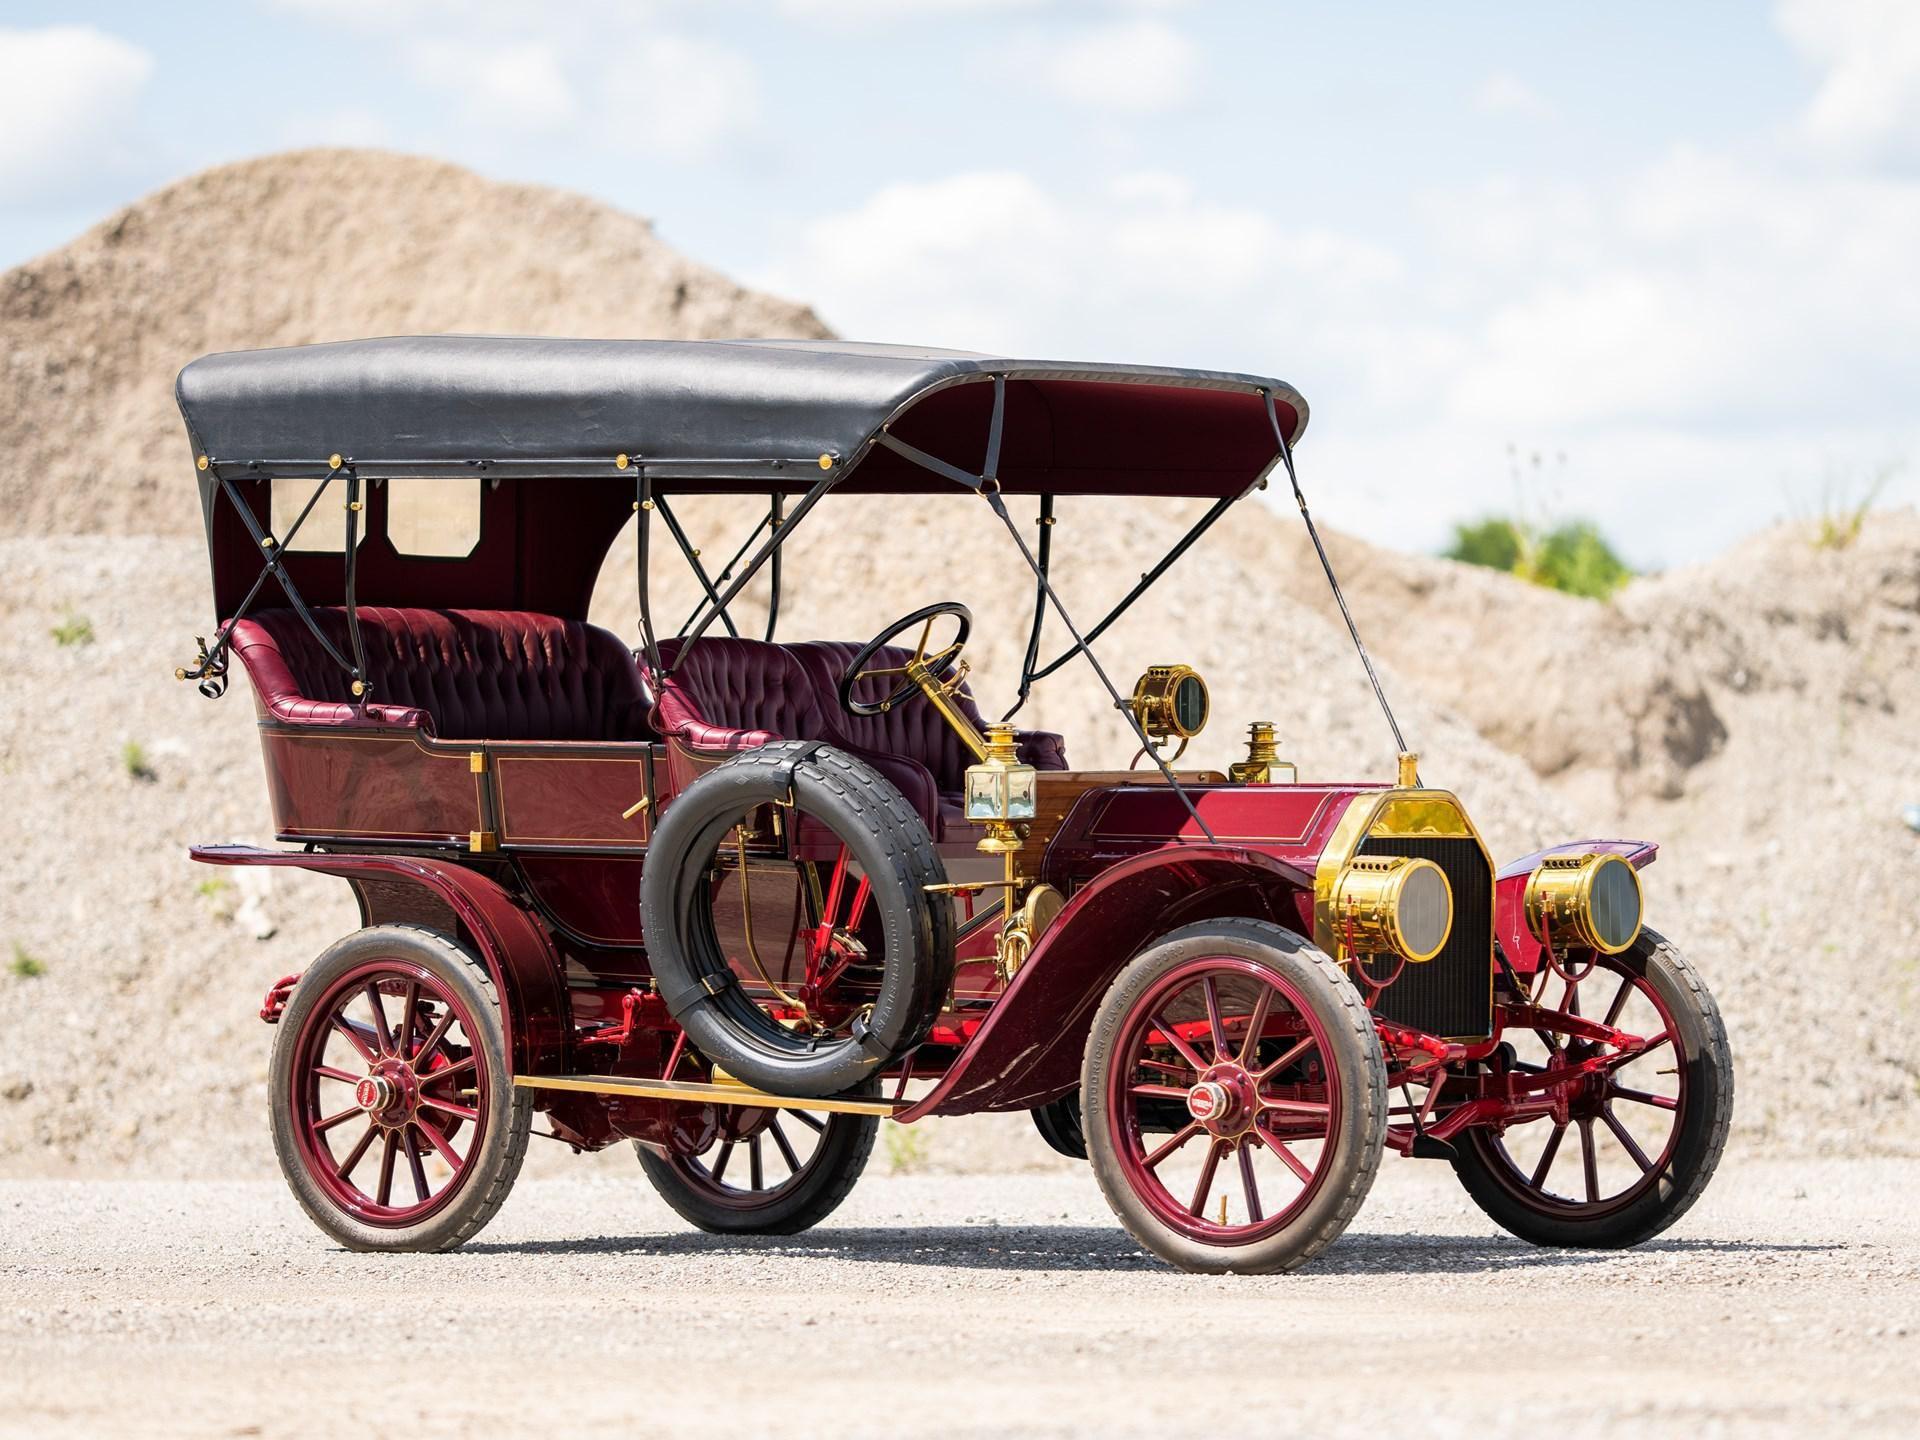 1907 Wayne Model N Five-Passenger Touring